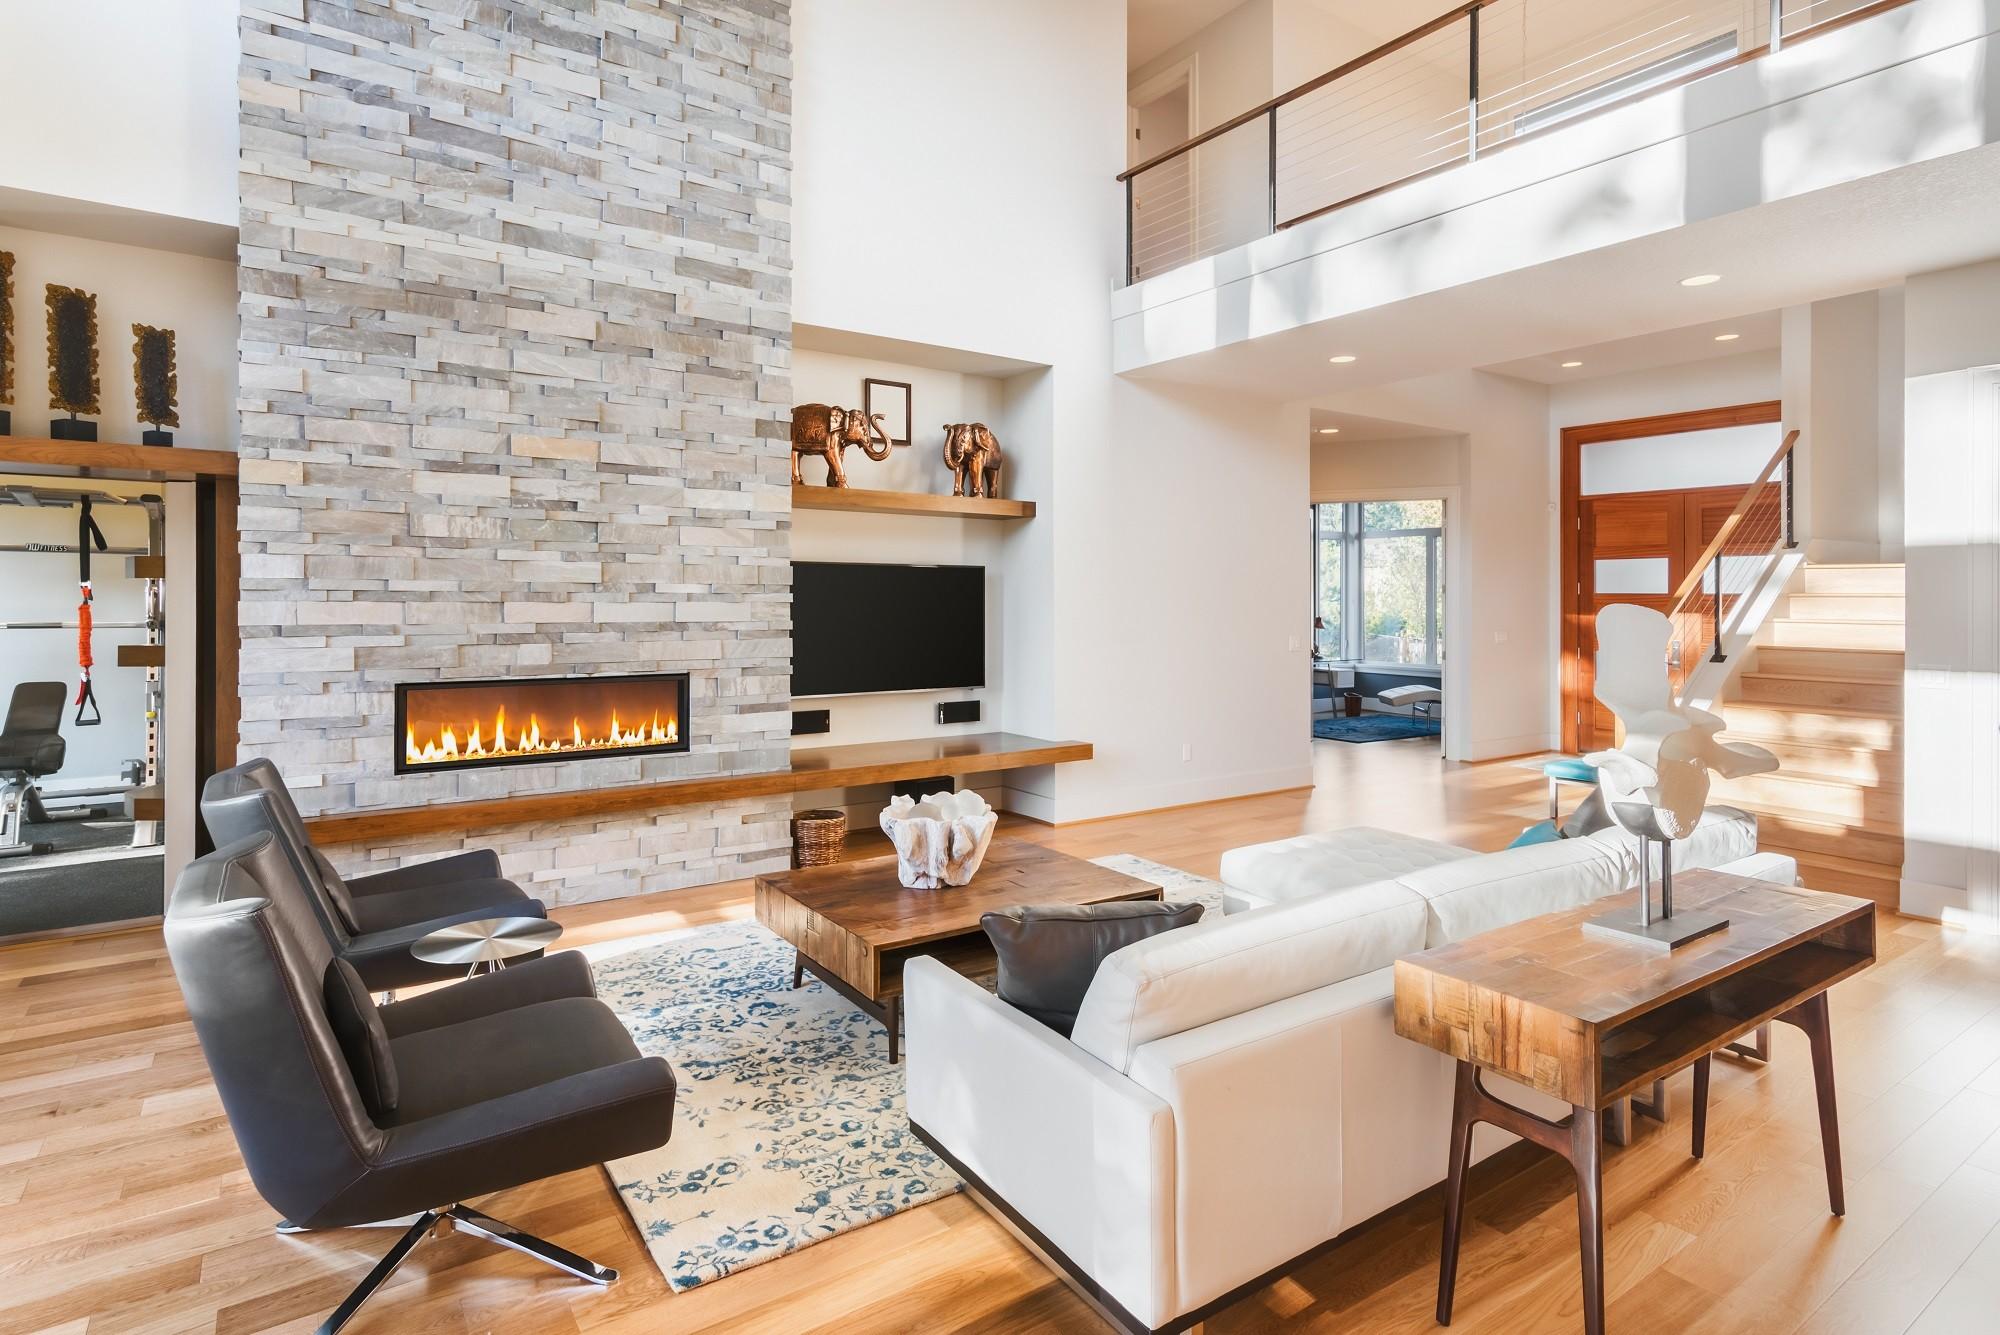 design d'intérieurs les plus populaires en 2020